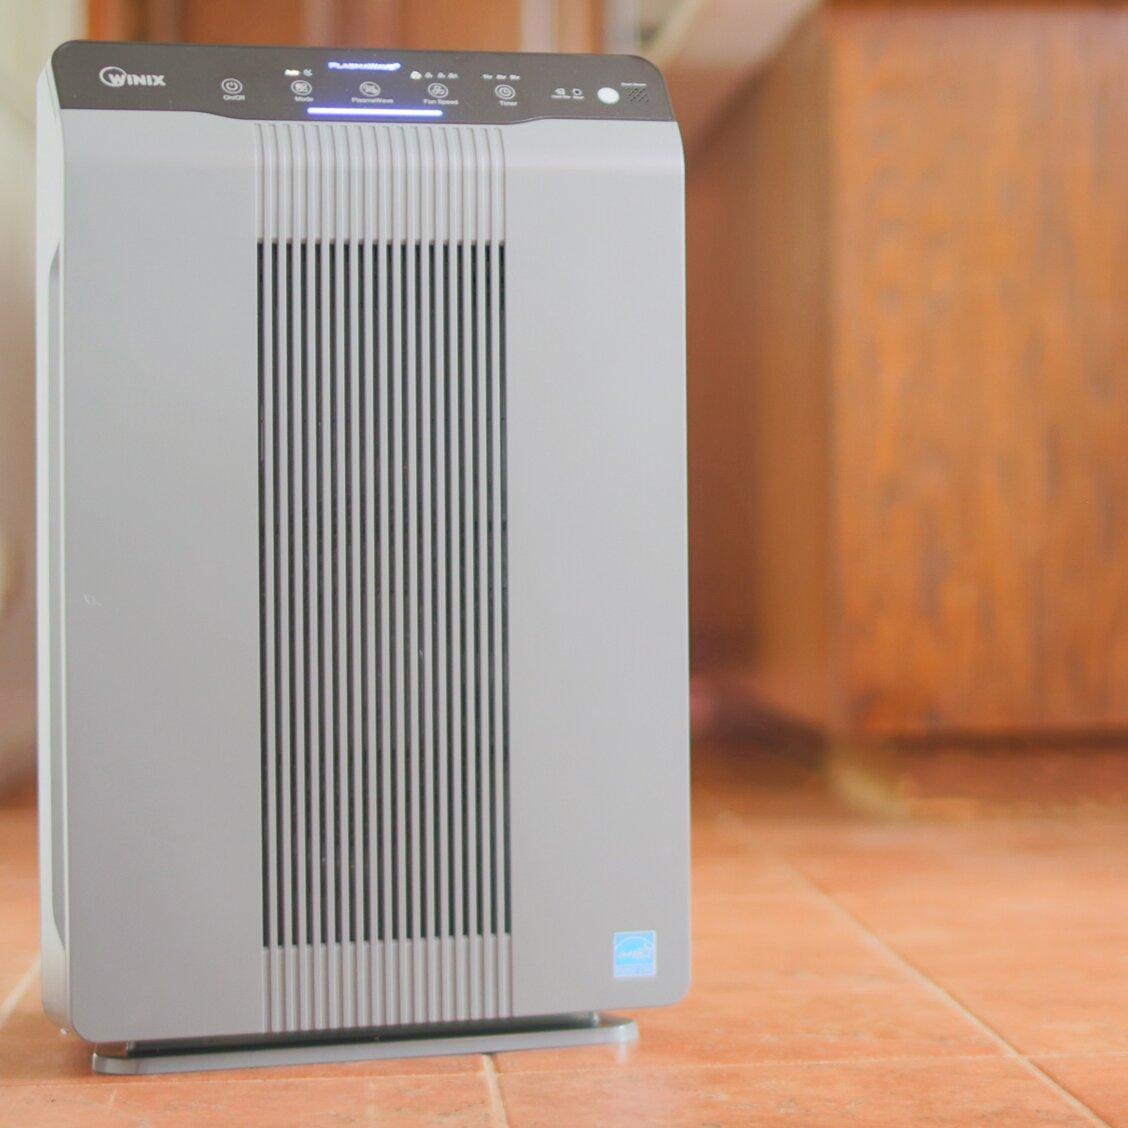 Winix Plasmawave Room True Hepa Air Purifier Reviews